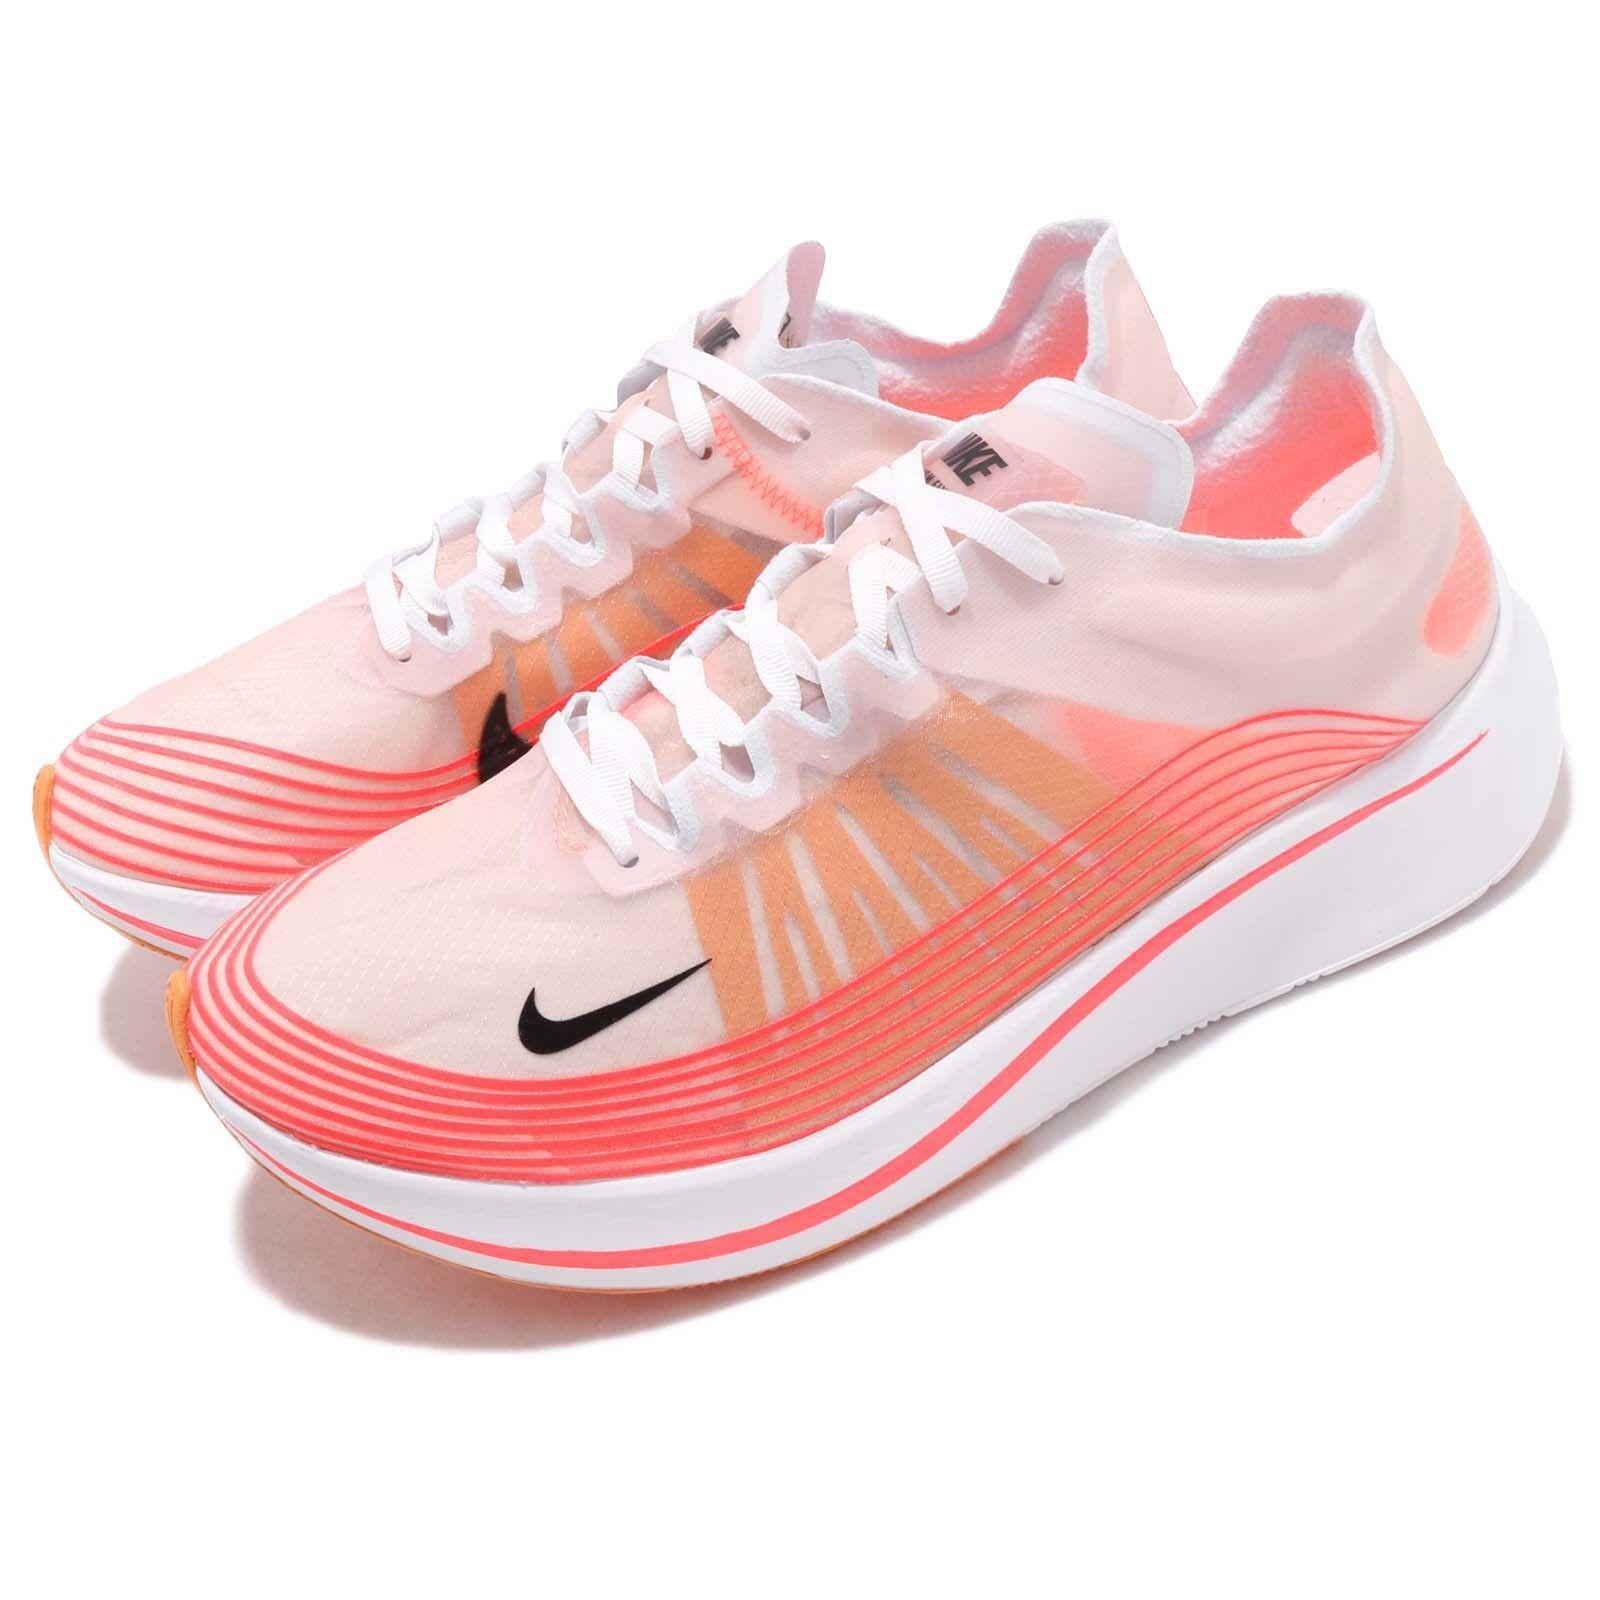 Nike Zoom Fly SP Varsity Rojo Negro blancoo Hombres Running Zapatos TENIS AJ9282-600